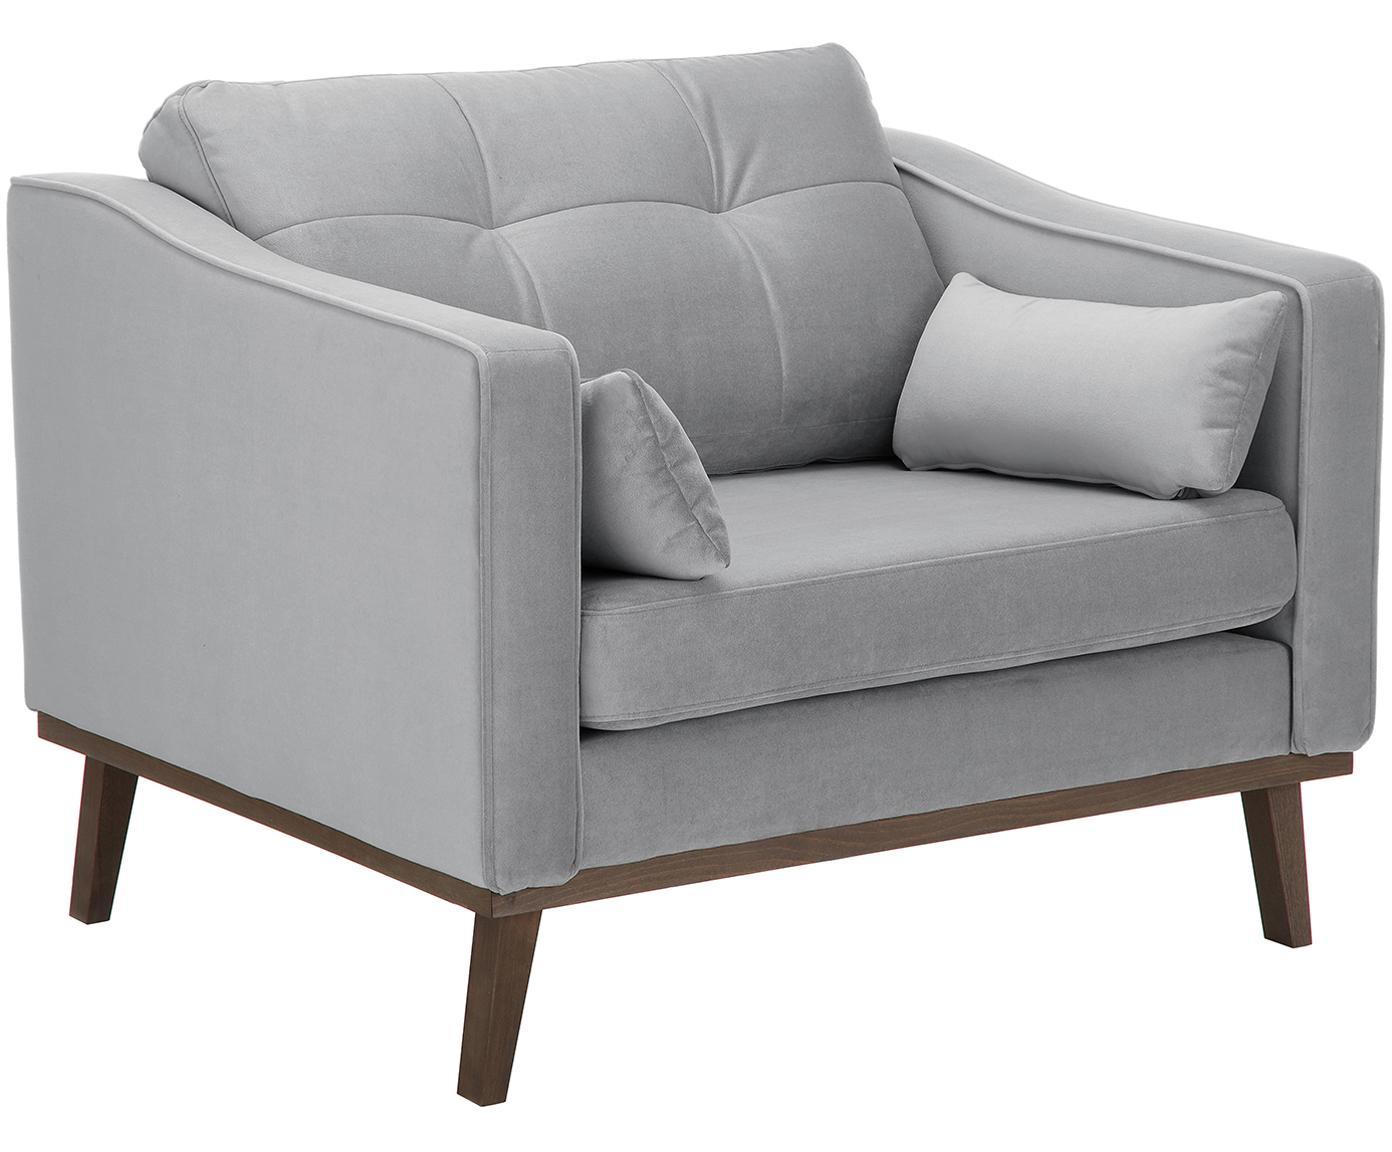 Fotel z aksamitu Alva, Tapicerka: aksamit (wysokiej jakości, Stelaż: drewno sosnowe, Nogi: lite drewno bukowe, barwi, Szary, S 102 x G 92 cm